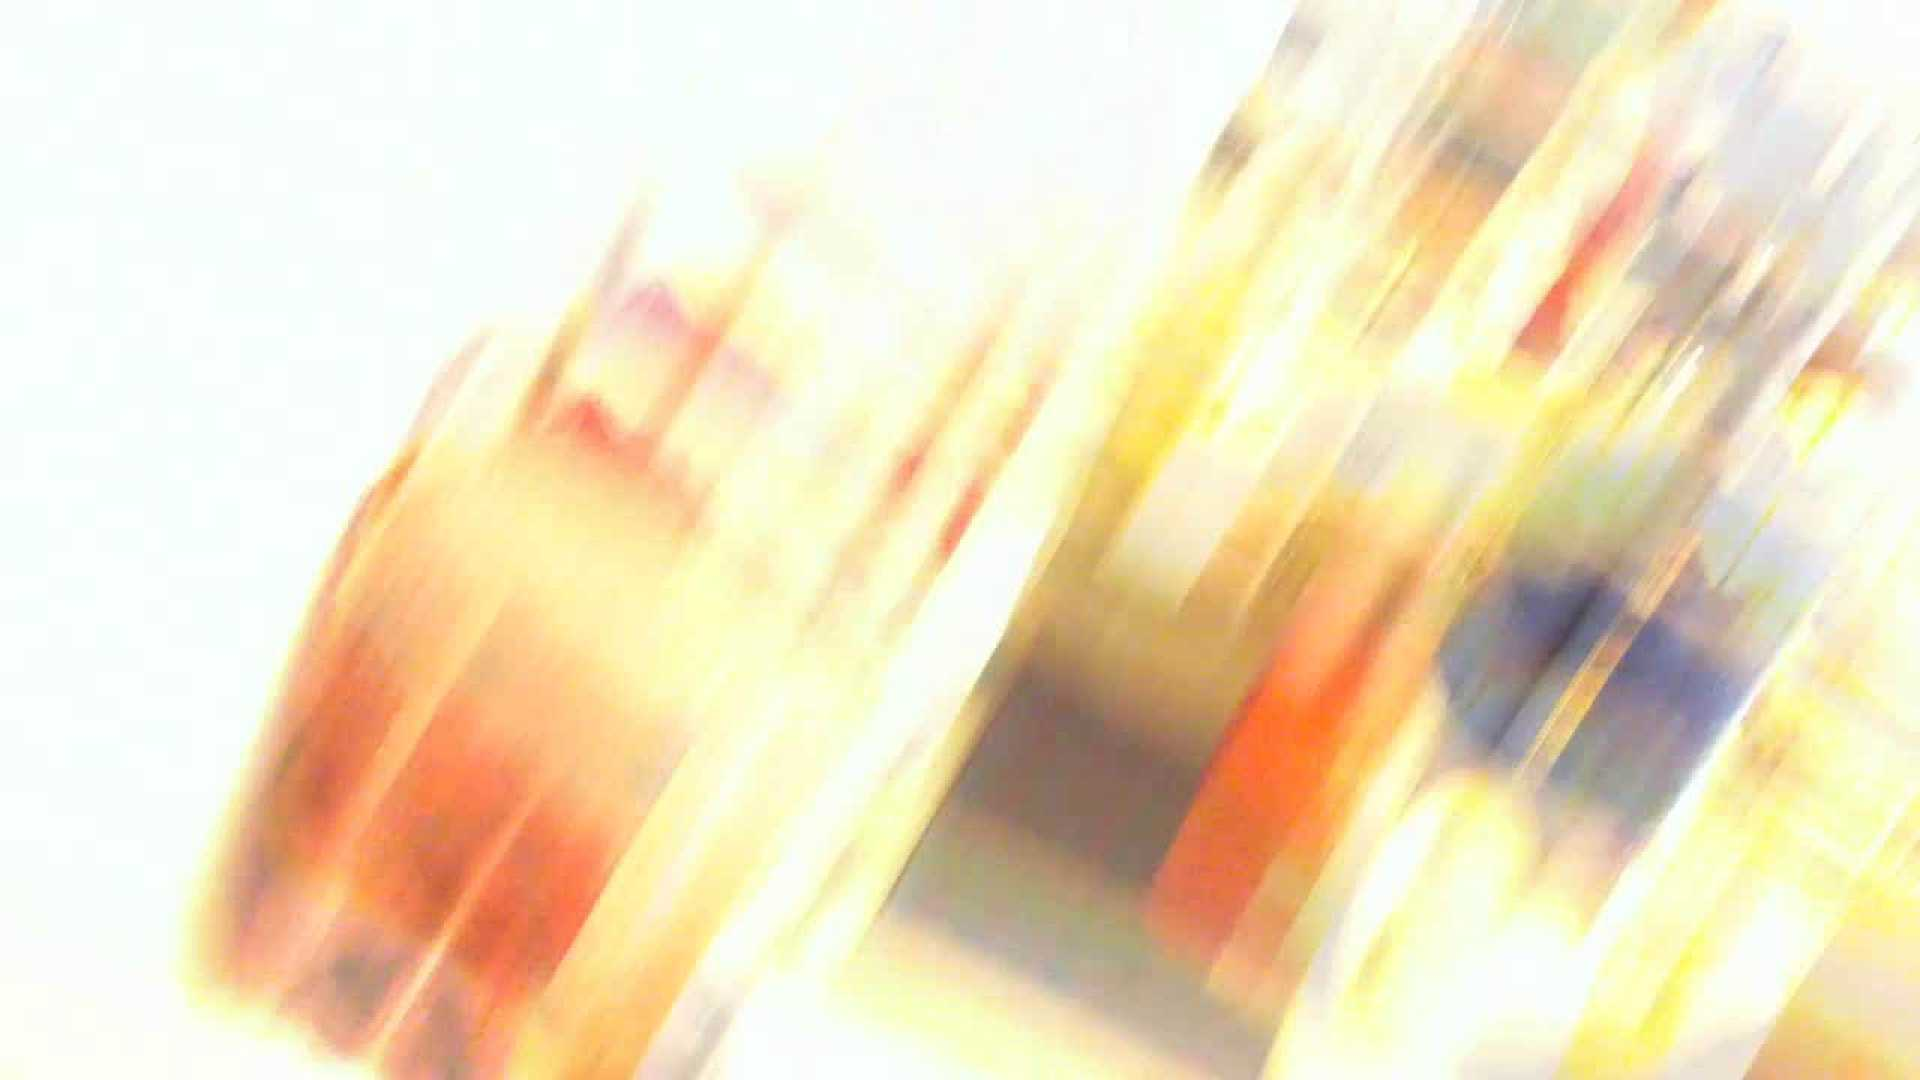 フルHD ショップ店員千人斬り! 大画面ノーカット完全版 vol.39 ギャルのエロ動画 オマンコ無修正動画無料 102PIX 38